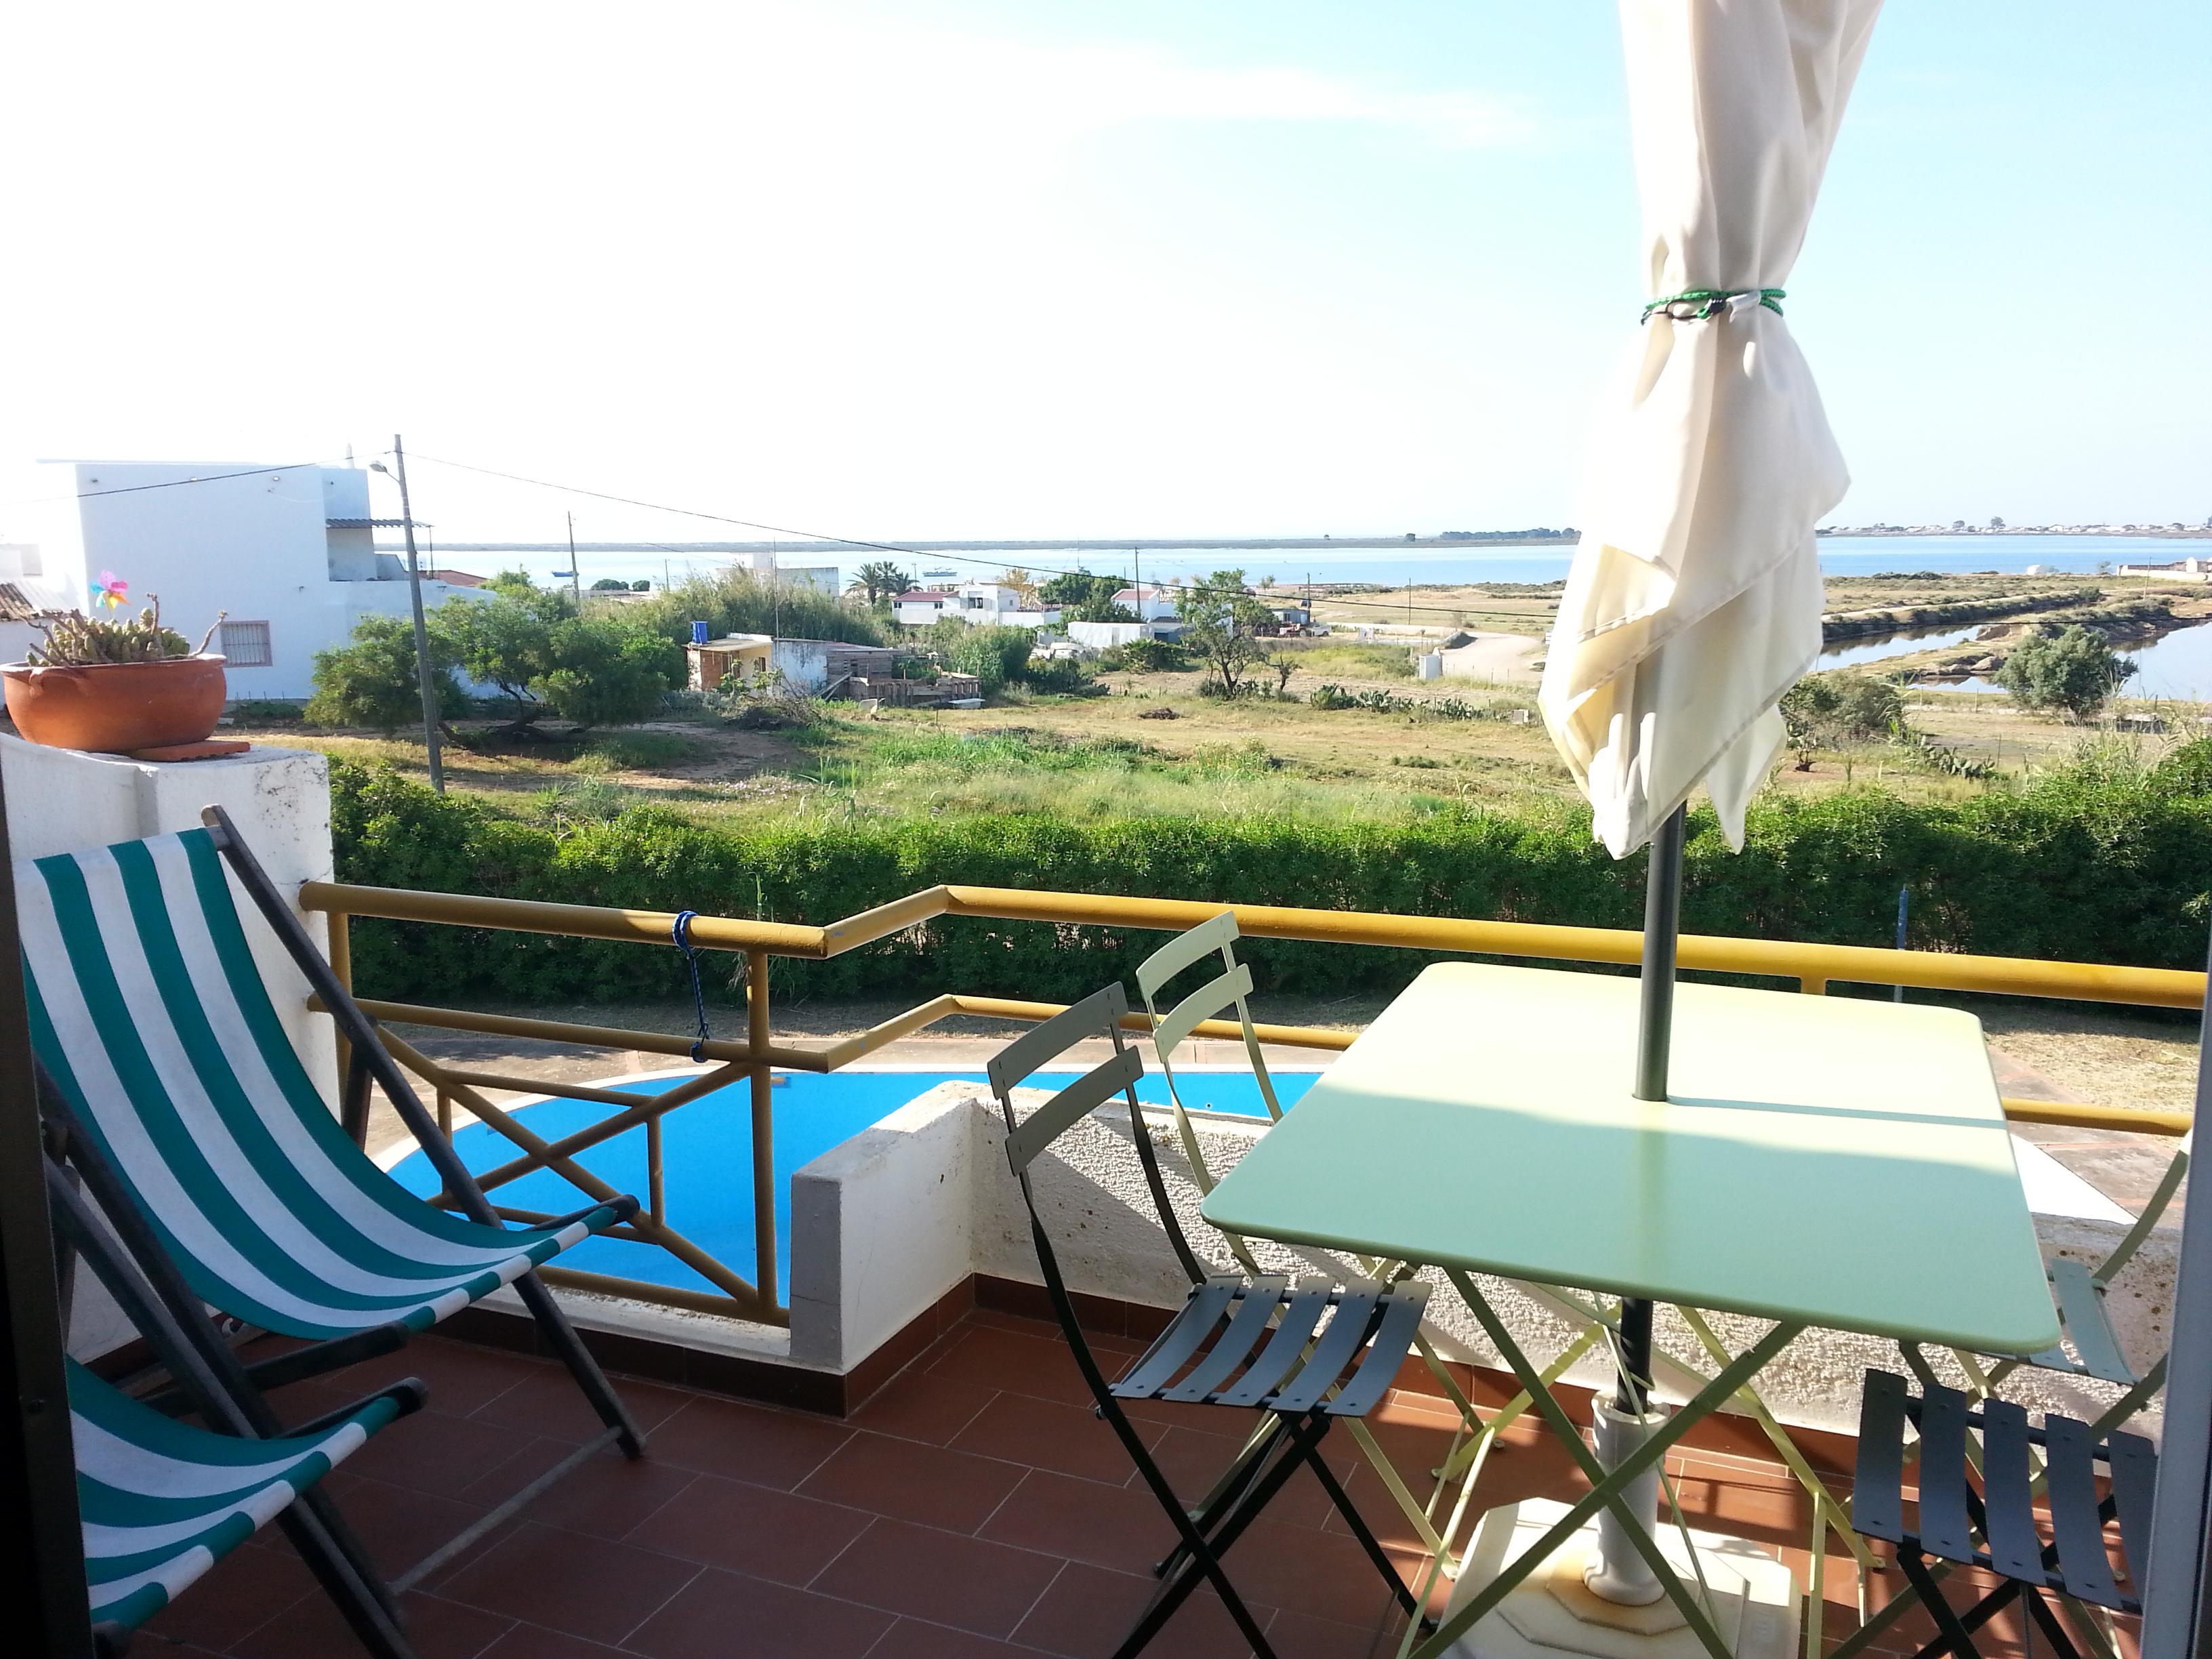 Location appartements et villas de vacance, APPARTEMENT VUE MER PROCHE PLAGE IDÉAL VISITE ALGARVE à Olhão, Portugal Algarve, REF_IMG_6620_6644